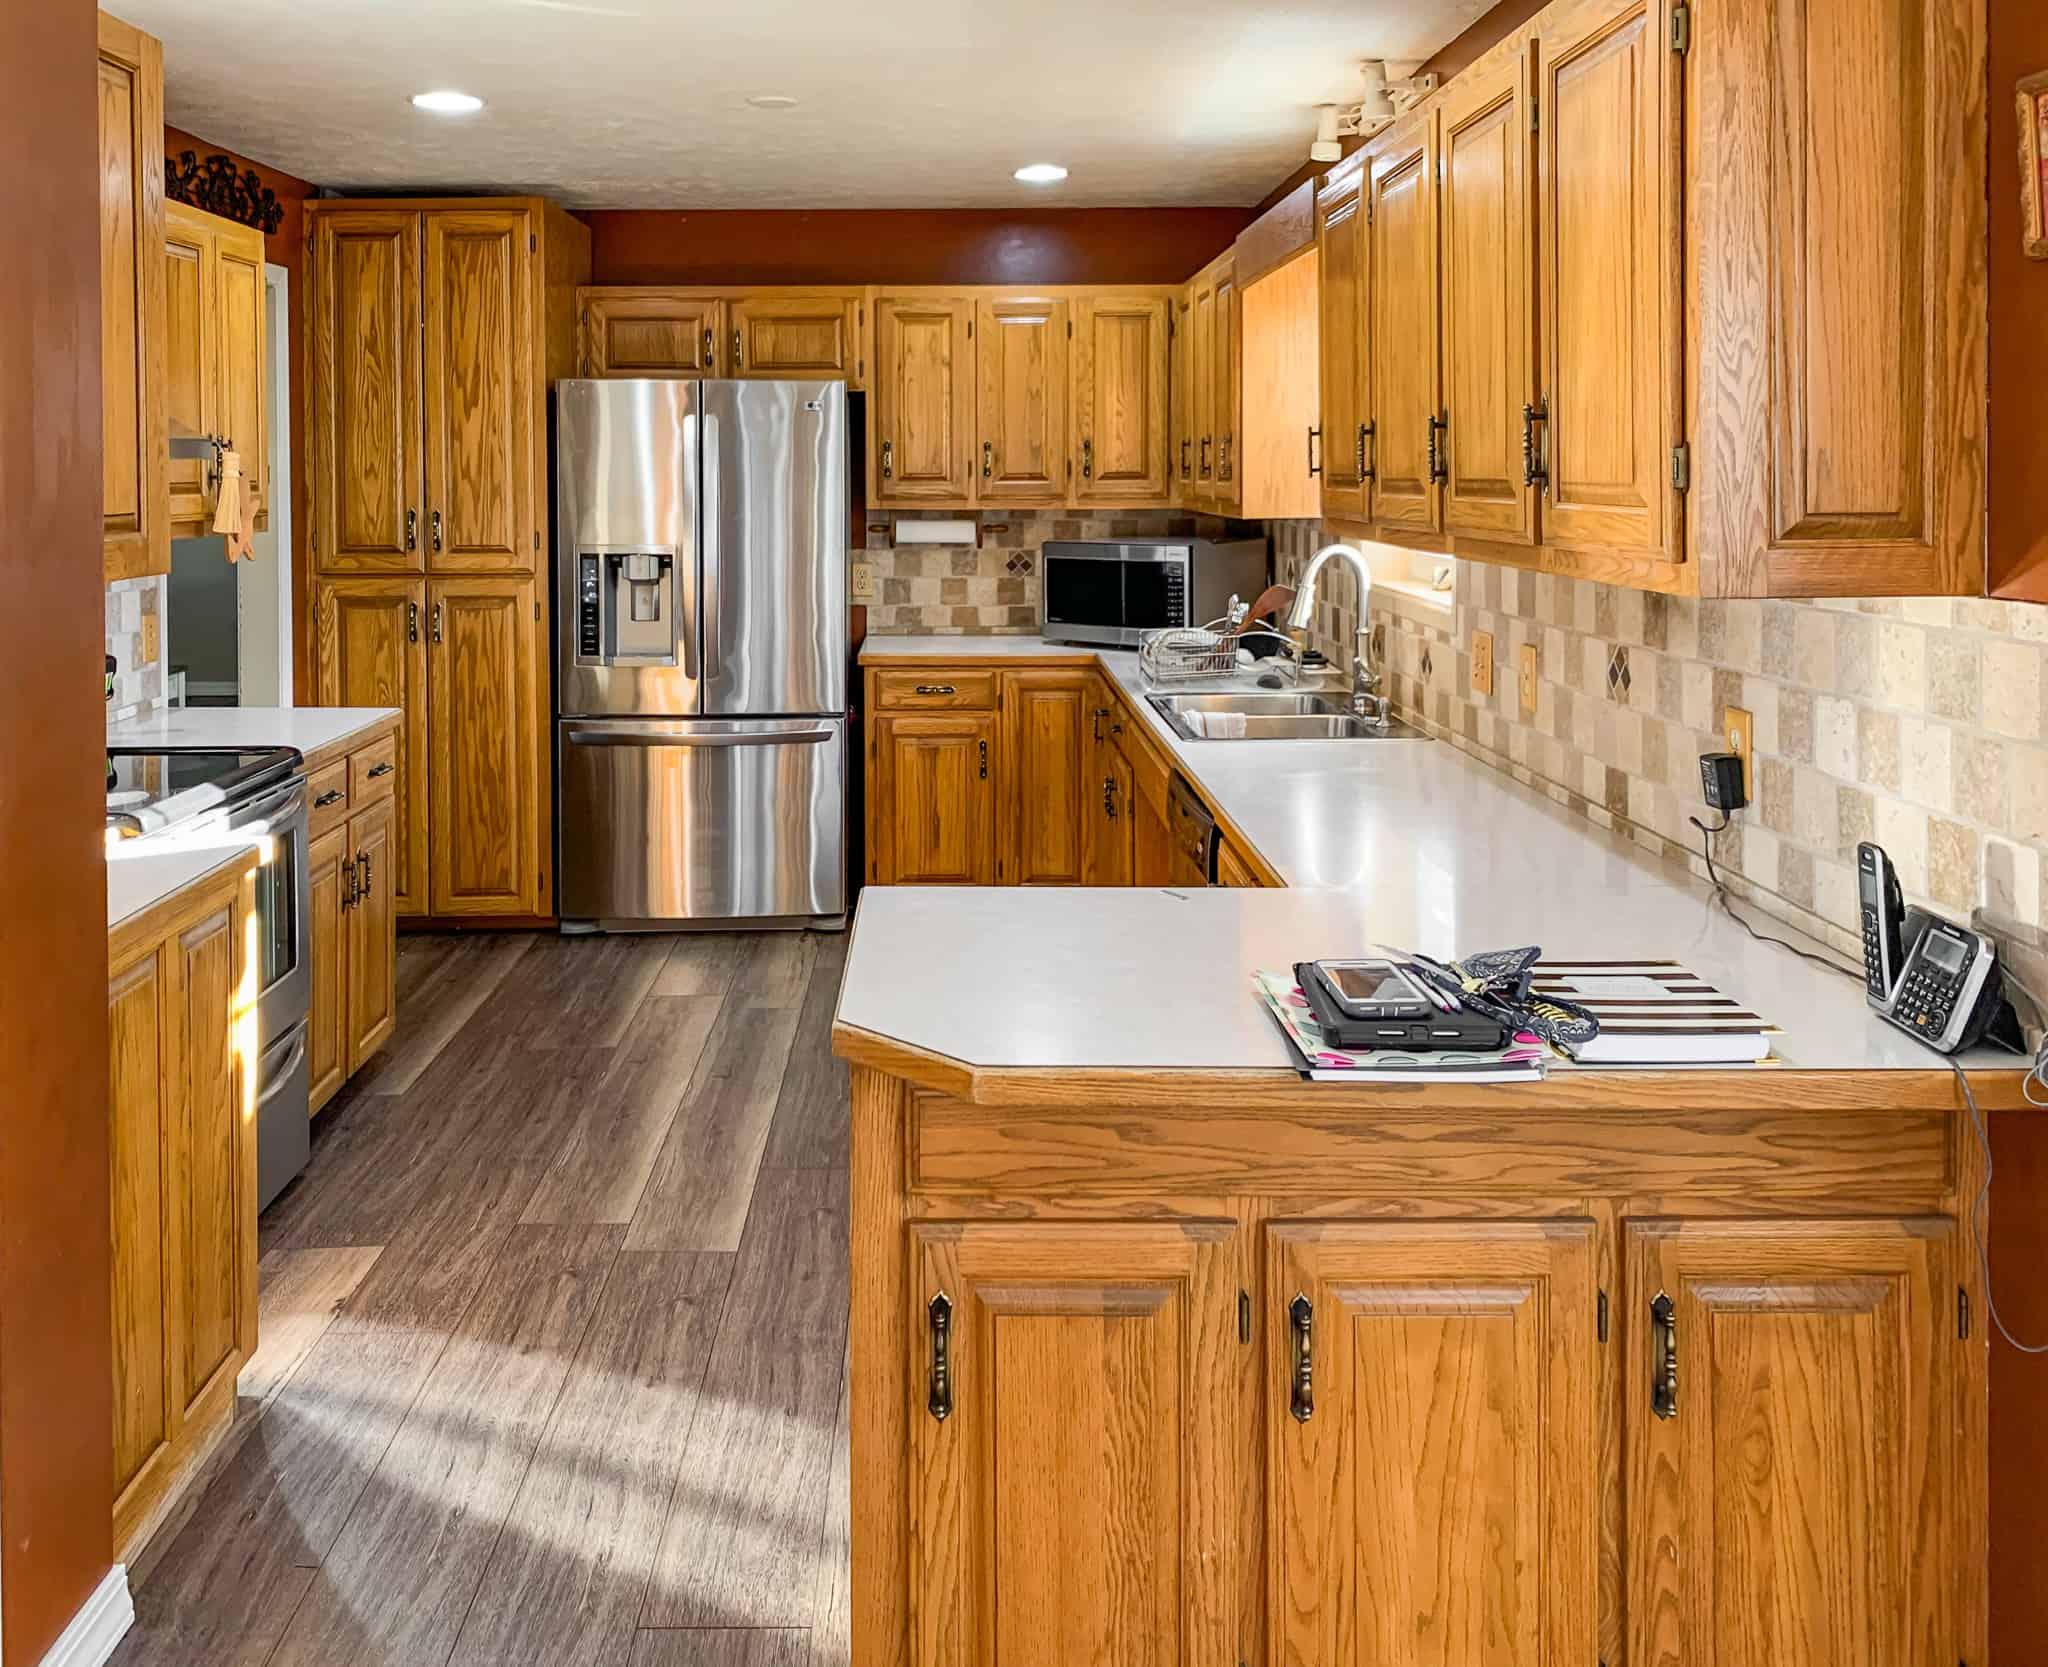 Honey oak kitchen cabinets-05 - Painted by Kayla Payne